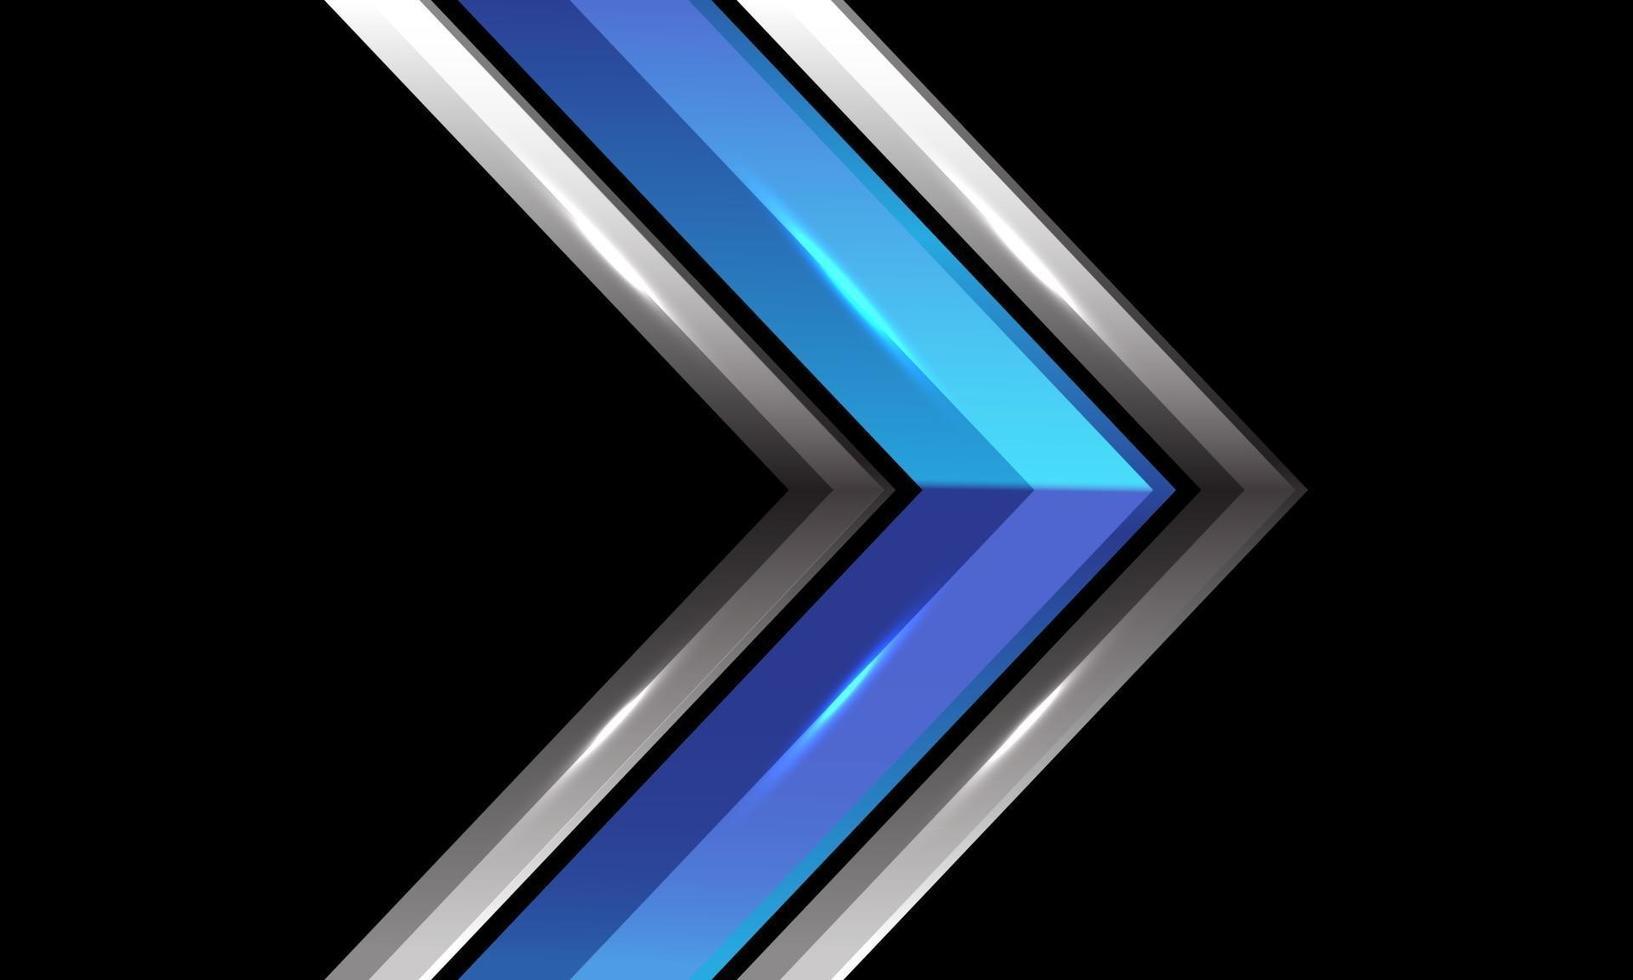 Dirección de flecha brillante de plata metálica azul abstracta en diseño negro ilustración de vector de fondo de tecnología futurista moderna.